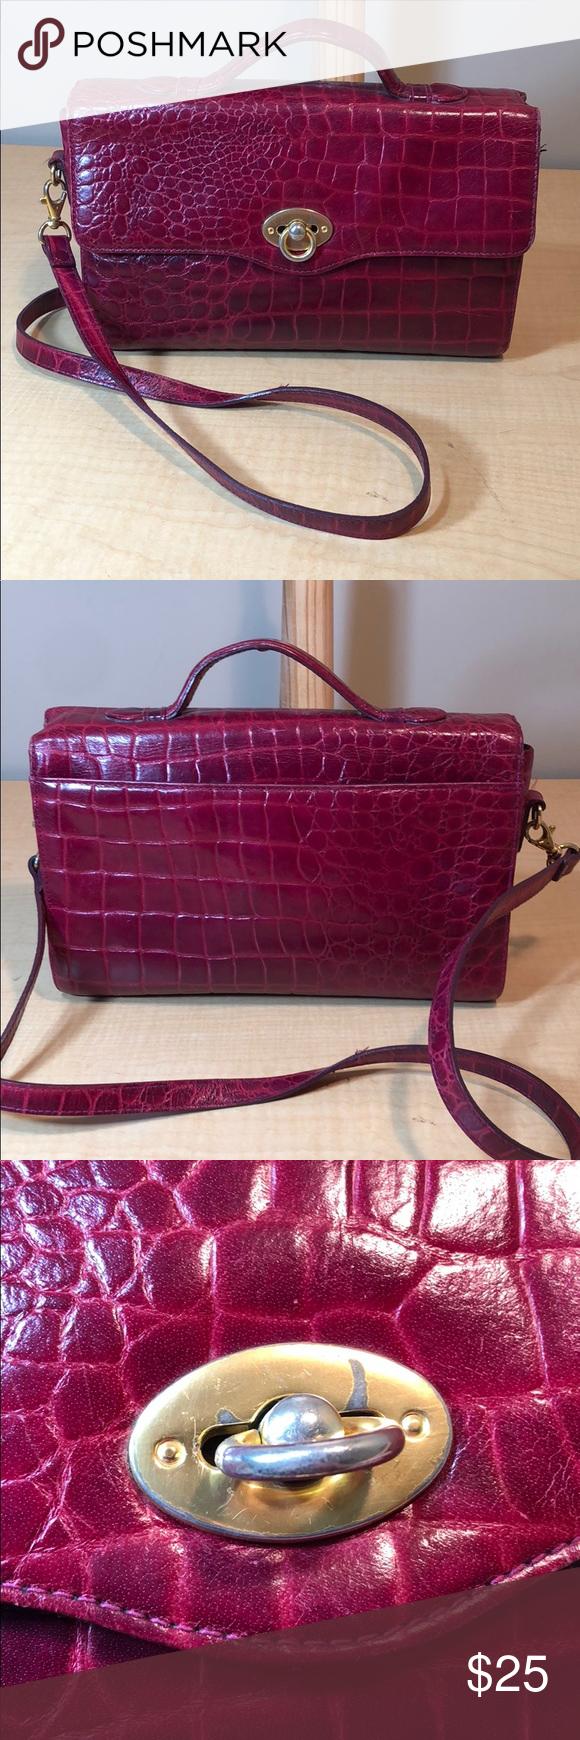 Vintage Liz Claiborne leather croc crossbody purse Excellent used condition. Handles show no wear. E...